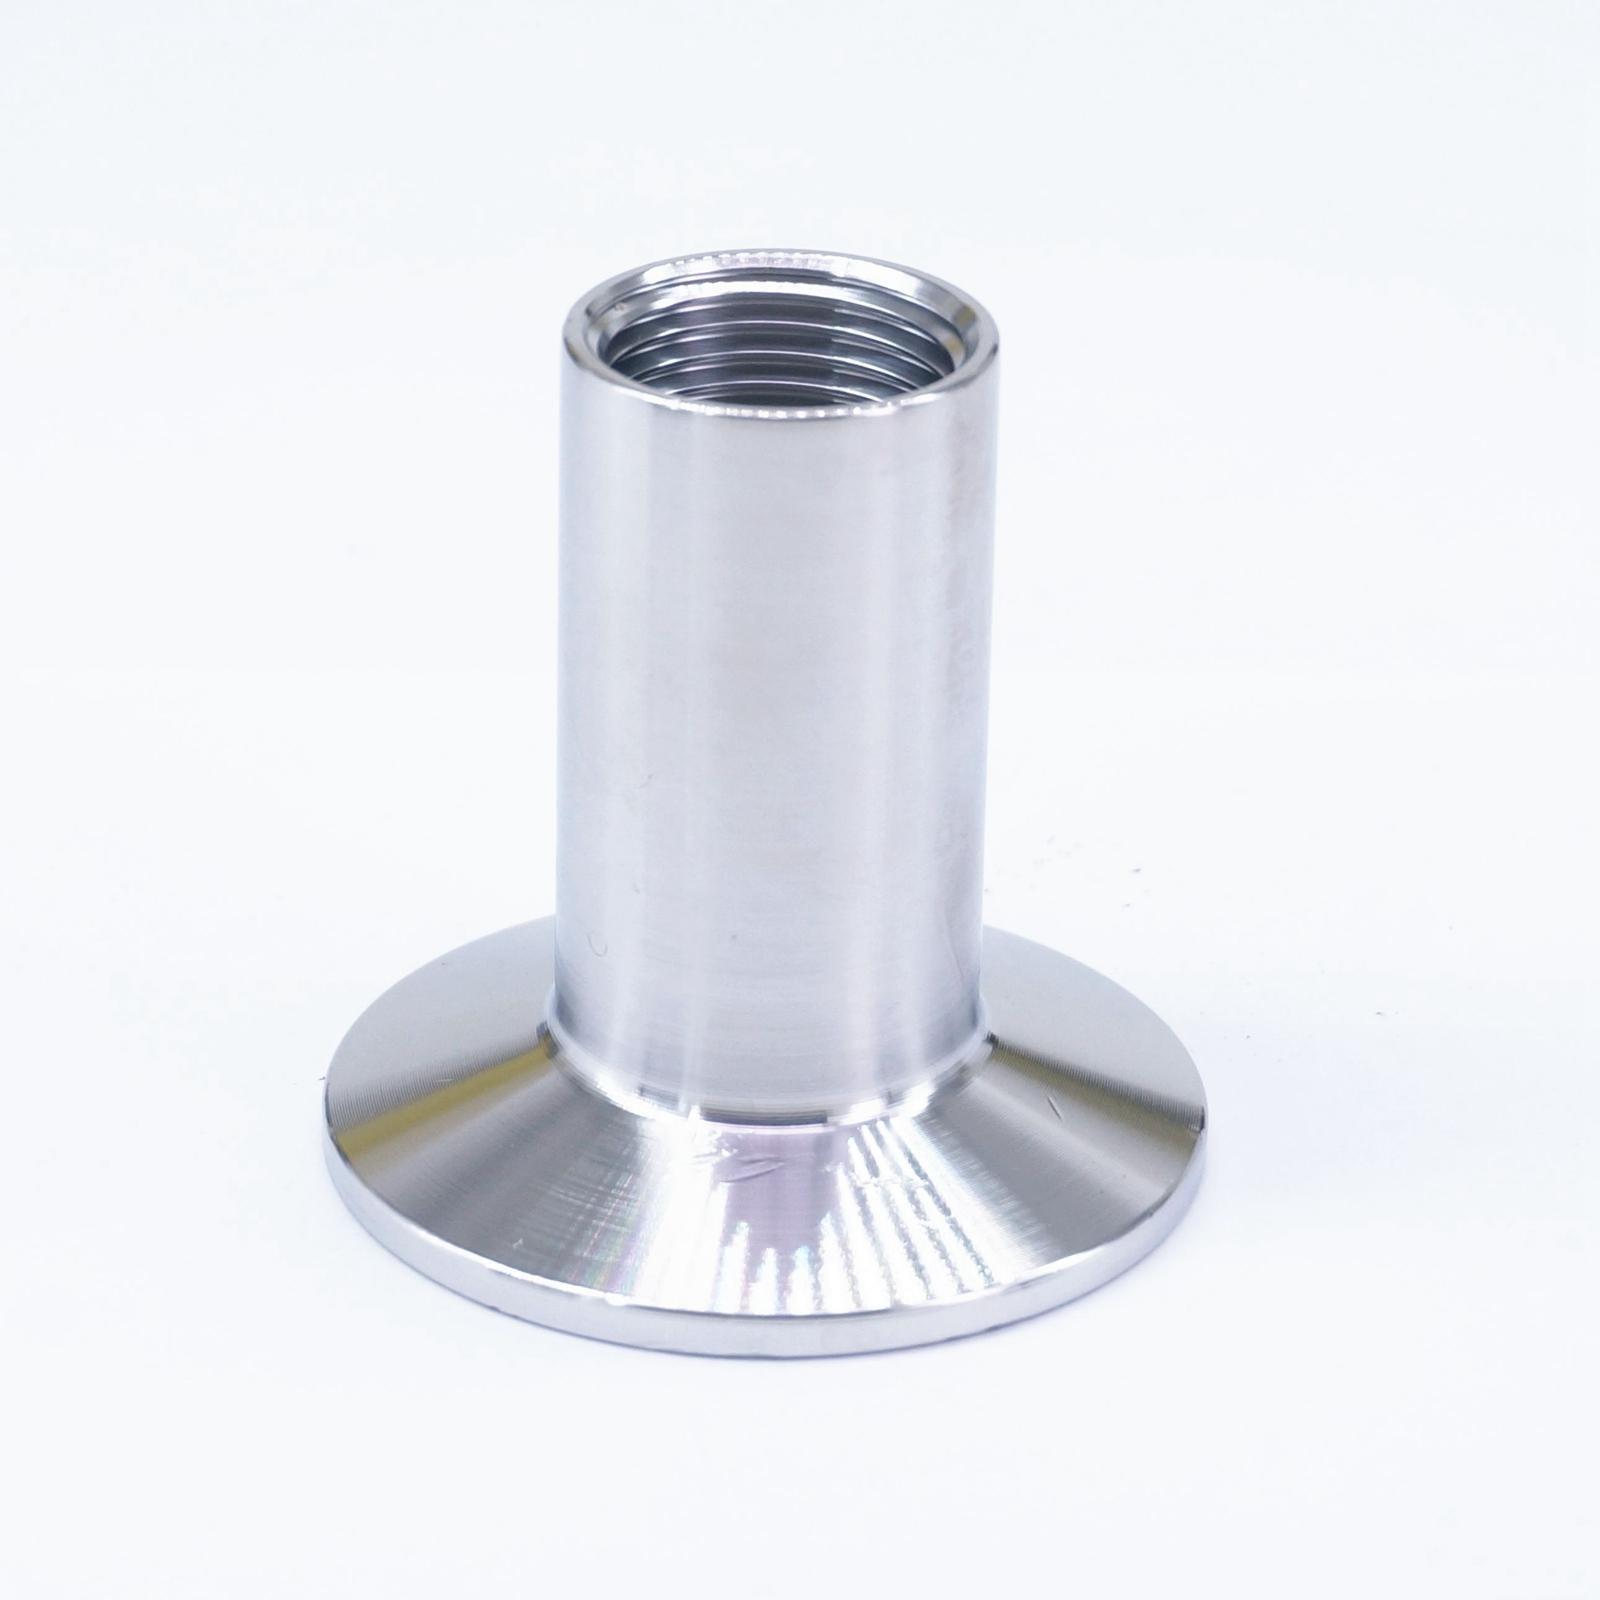 Heimwerker Ventil 1/2 npt X 1,5 Tri Clamp Sus 304 Edelstahl Sanitär Fitting Kupplung Für Hause Brauen Bier Offensichtlicher Effekt